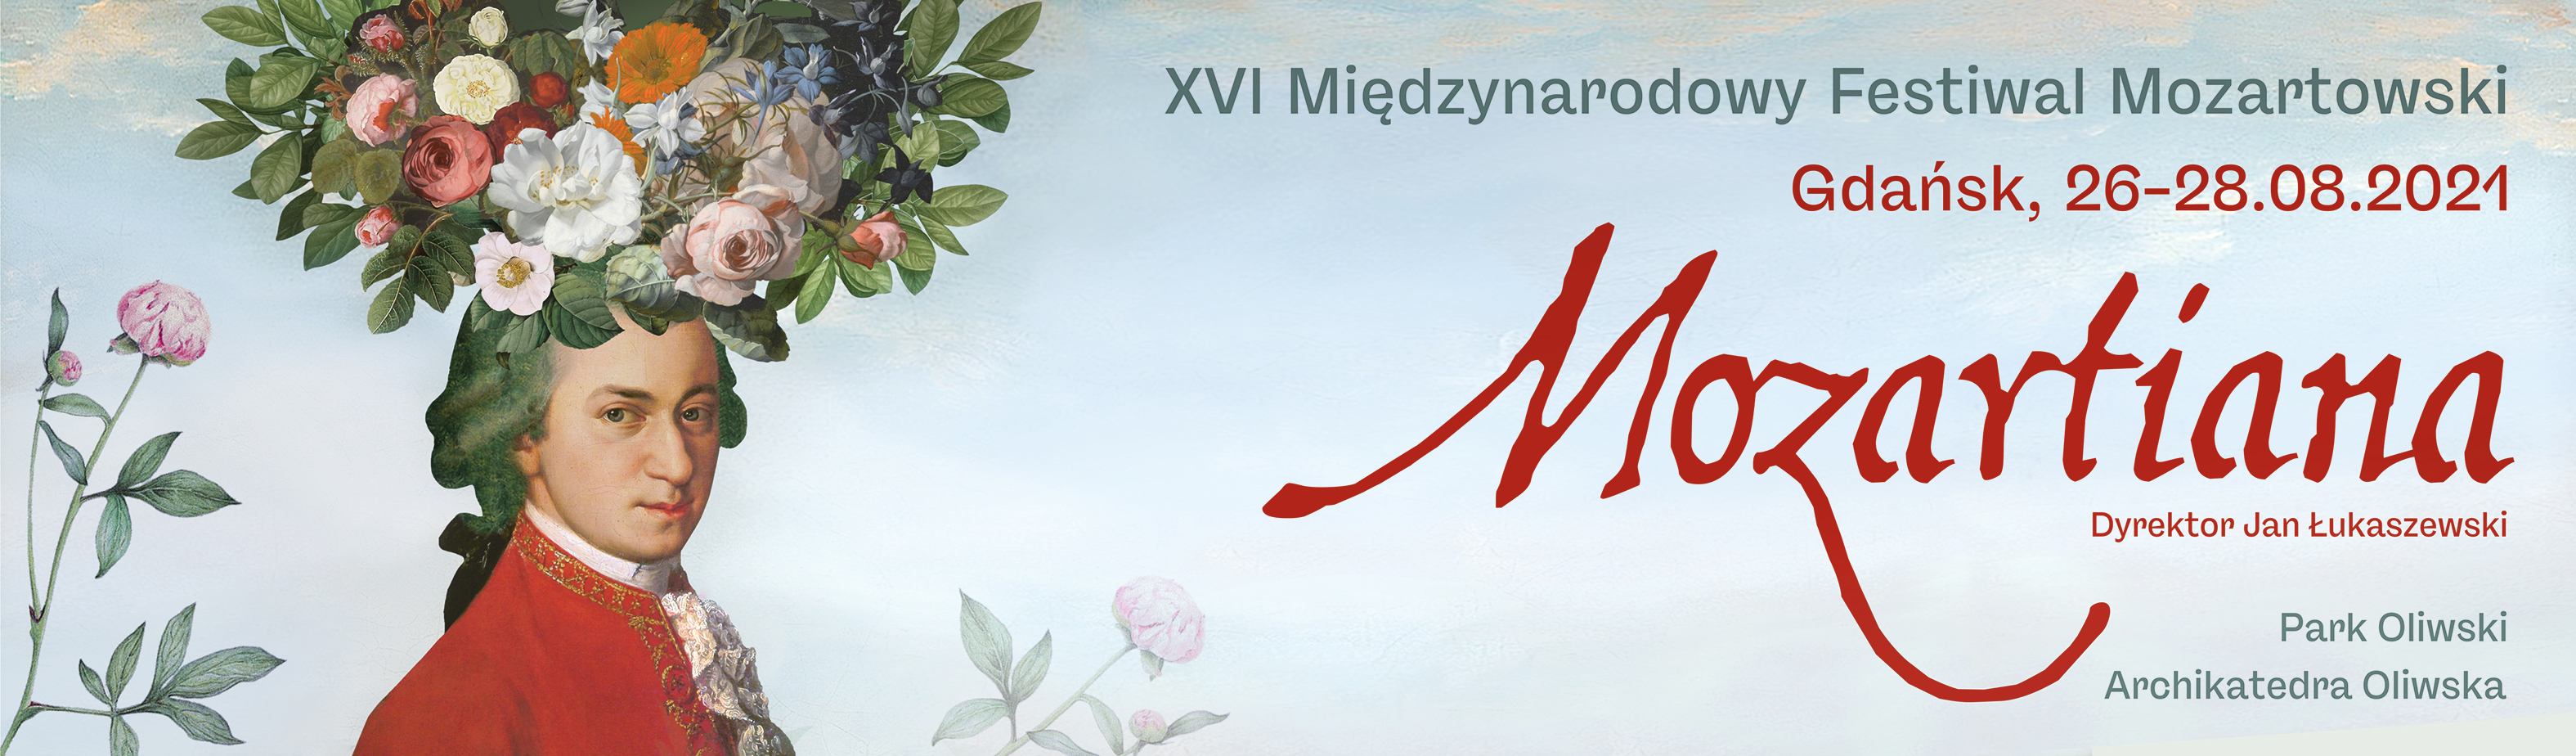 XVI Międzynarodowy Festiwal  Mozartowski Mozartiana - KONCERT SYMFONICZNY